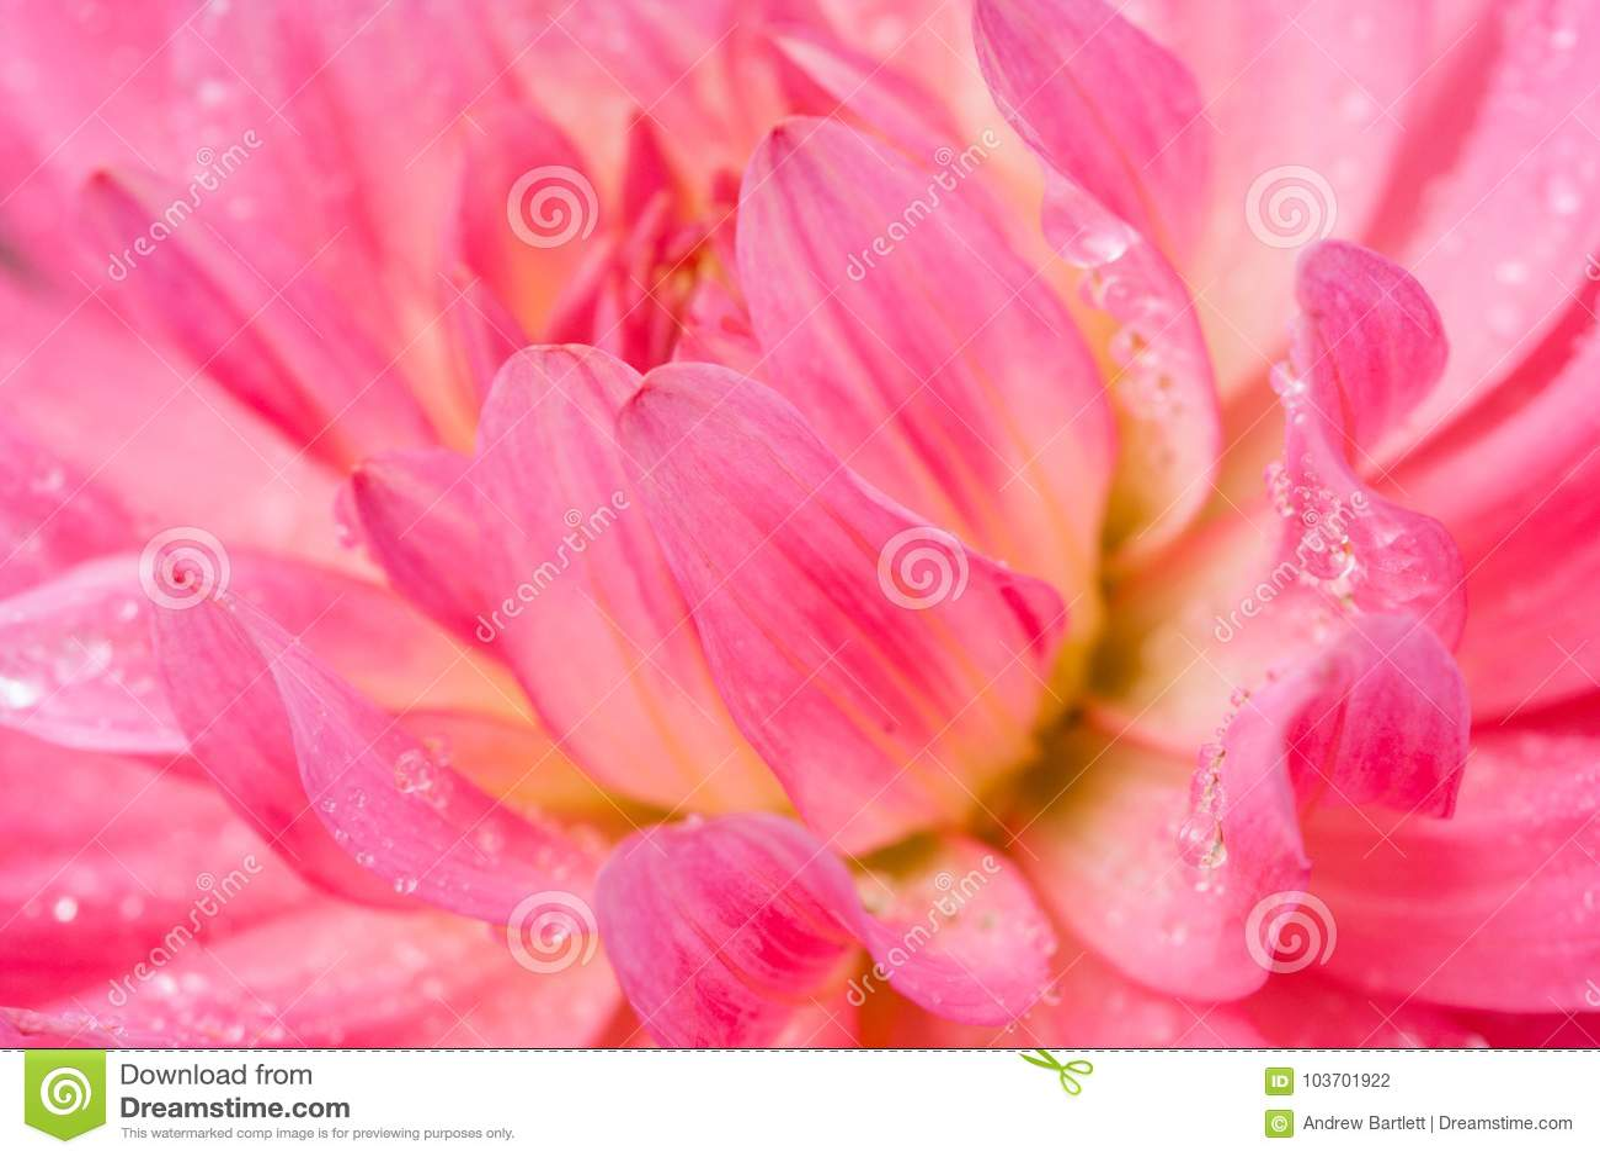 Macro de un crisantemo rosado